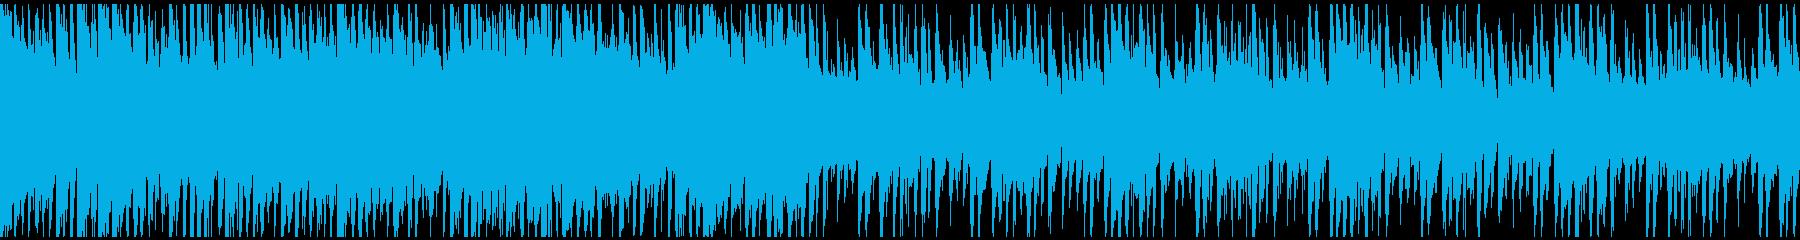 繊細で繊細なメロディーは、エッジの...の再生済みの波形